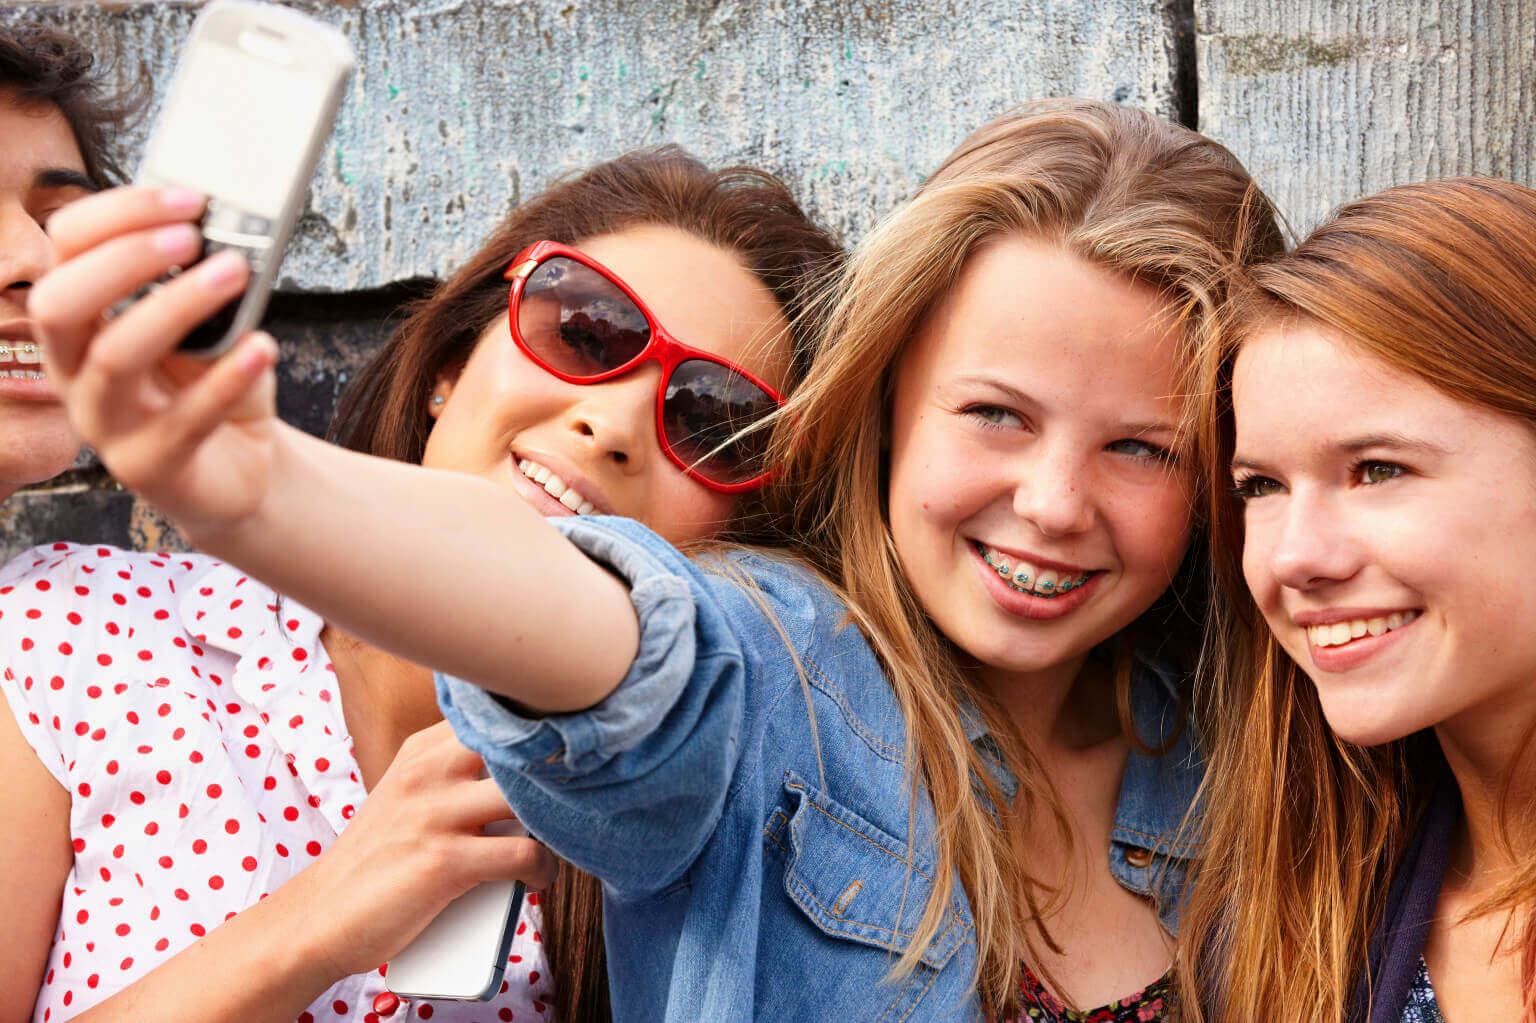 Chicas adolescentes subiendo contenido a Snapchat.